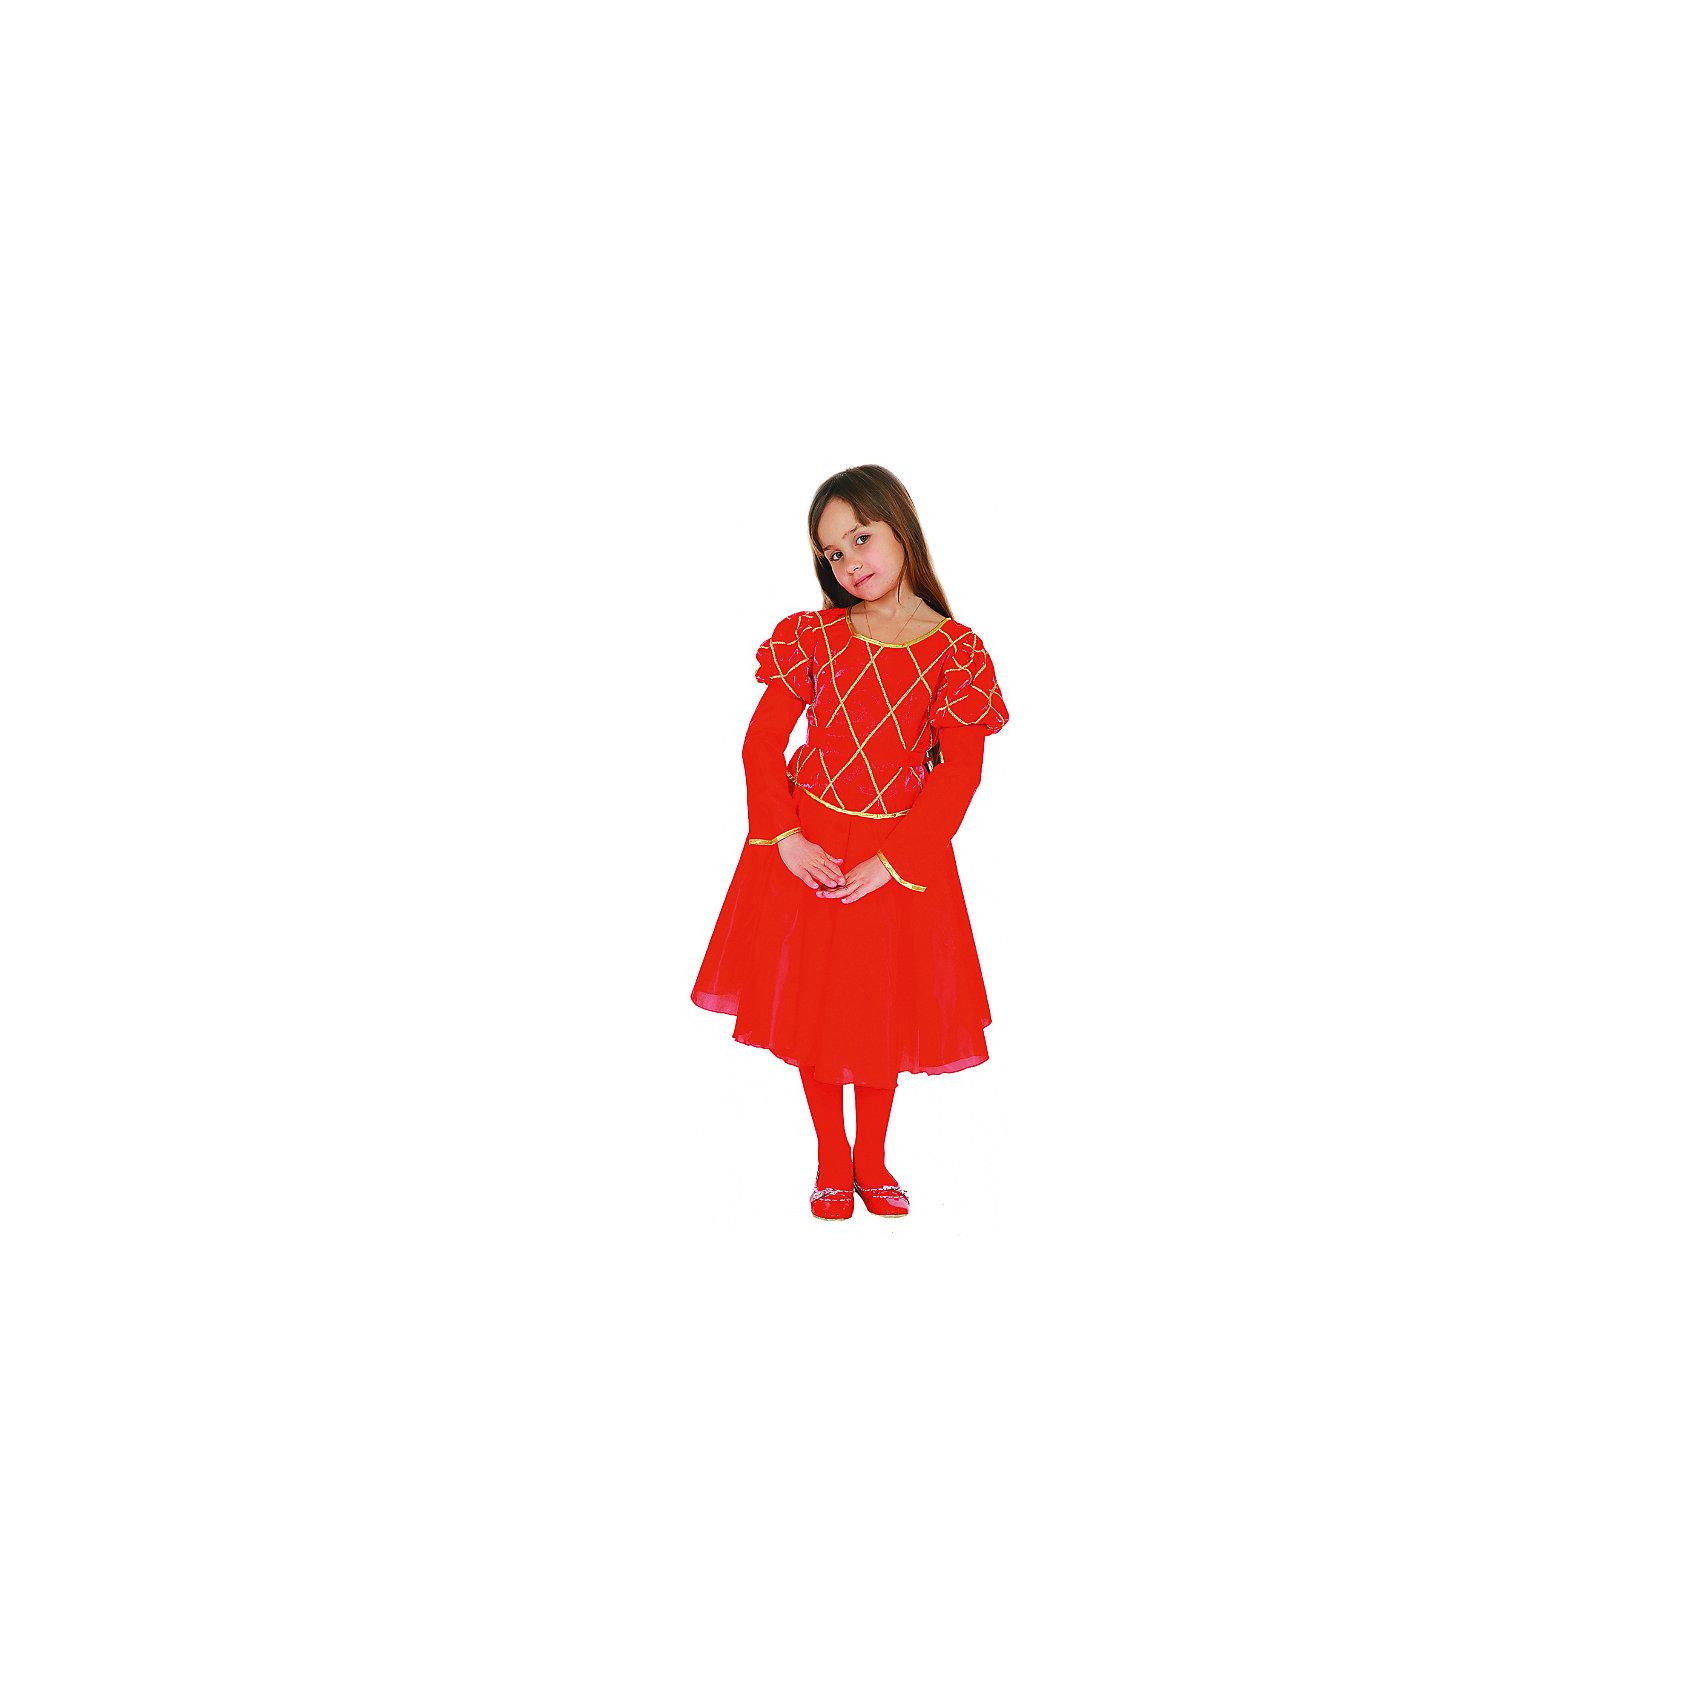 Карнавальный костюм Принцесса (красная), ВестификаКарнавальный костюм Принцесса (красная), Вестифика. В комплект входит: Платье, нижняя юбка.<br><br>Ширина мм: 450<br>Глубина мм: 80<br>Высота мм: 350<br>Вес г: 340<br>Цвет: разноцветный<br>Возраст от месяцев: 72<br>Возраст до месяцев: 84<br>Пол: Женский<br>Возраст: Детский<br>Размер: 116/122,116/122<br>SKU: 5033377